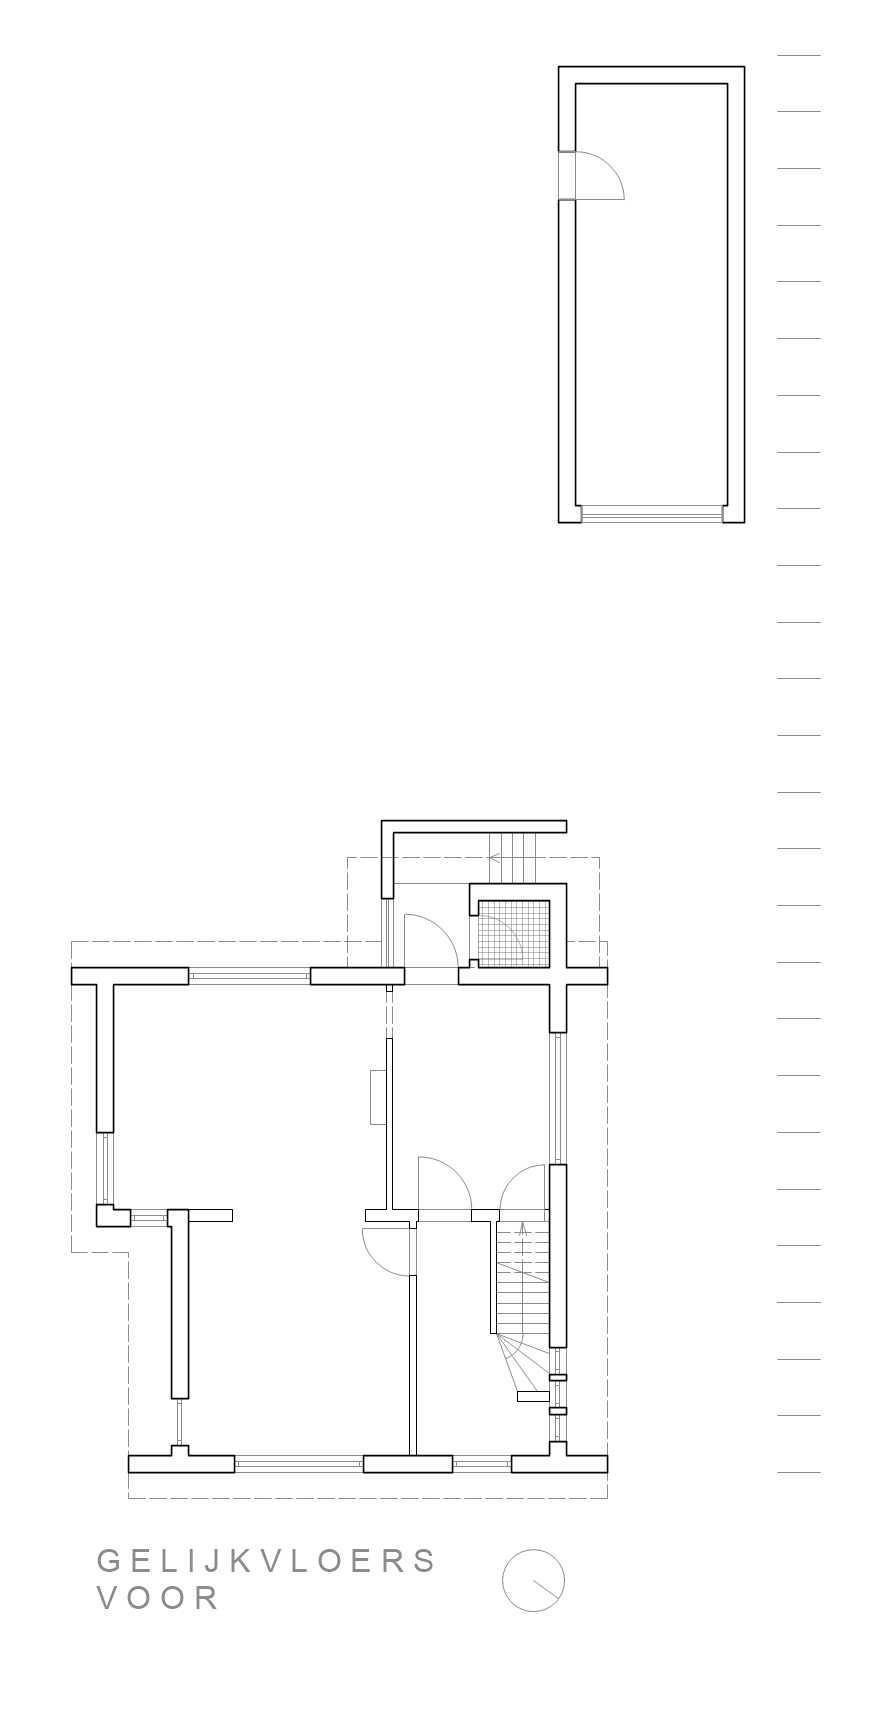 K1913-Grondplan_Voor_Definitief